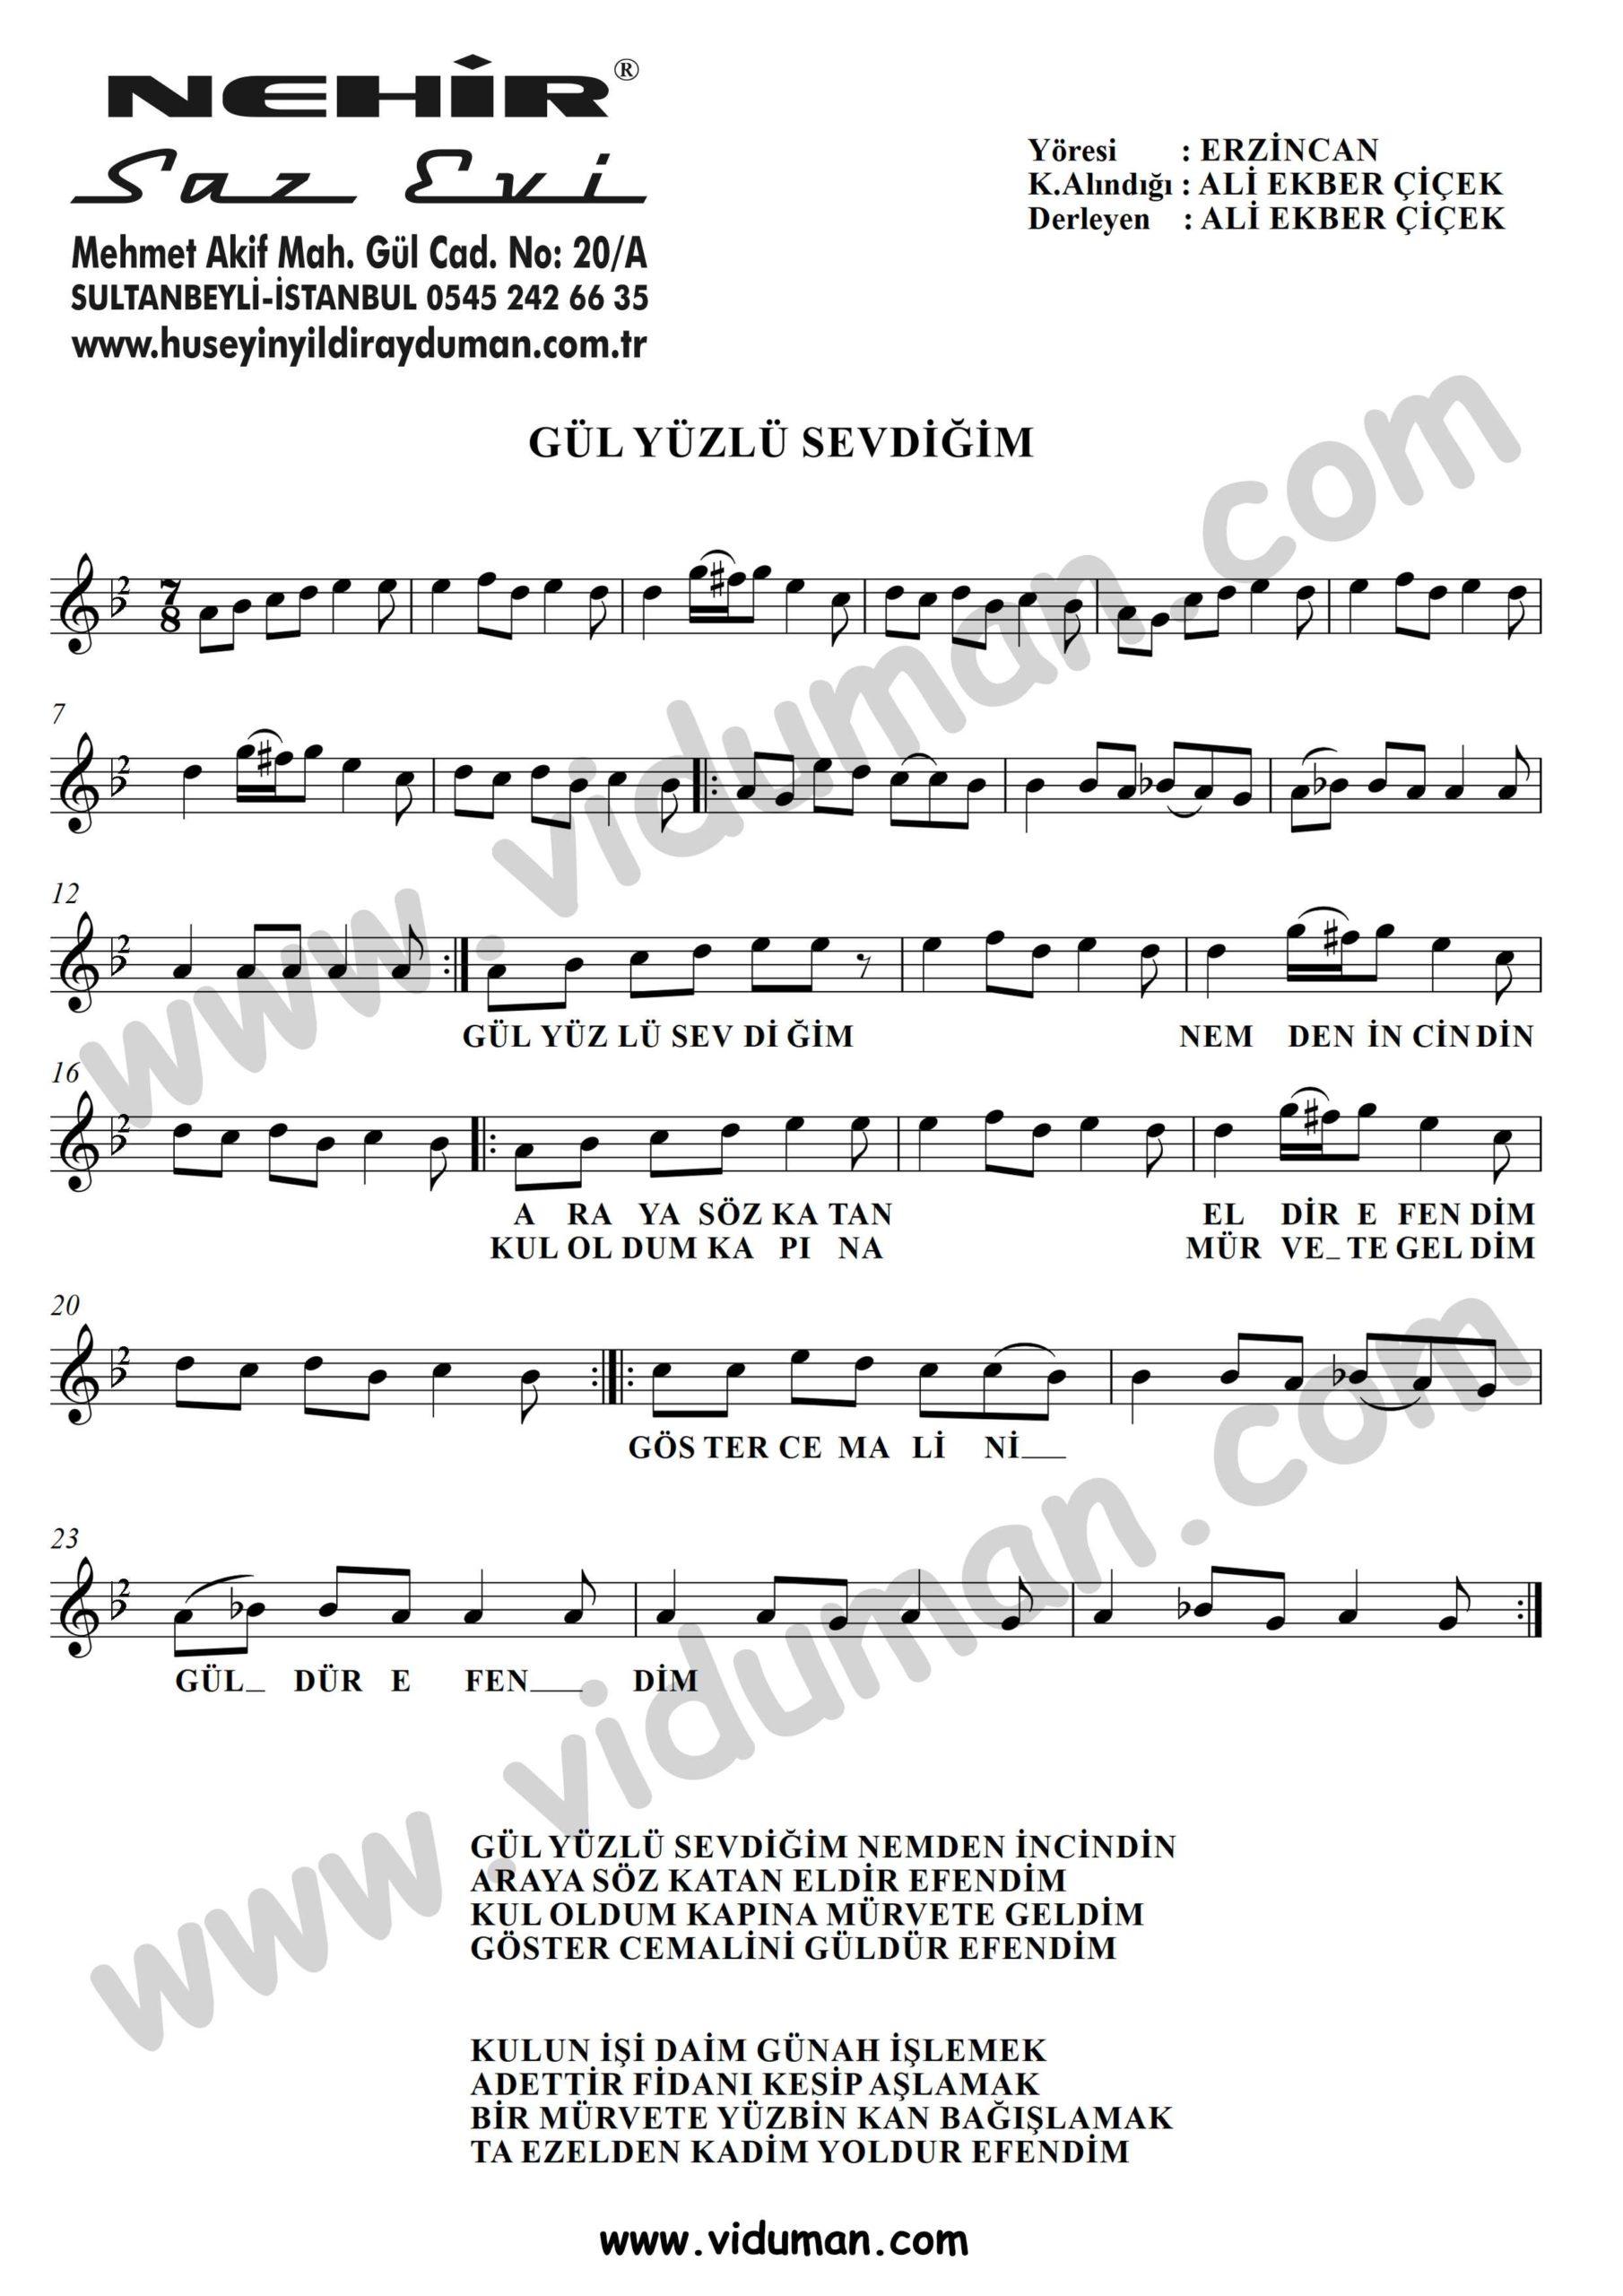 Gul Yuzlu Sevdigim-Baglama-Saz-Notalari